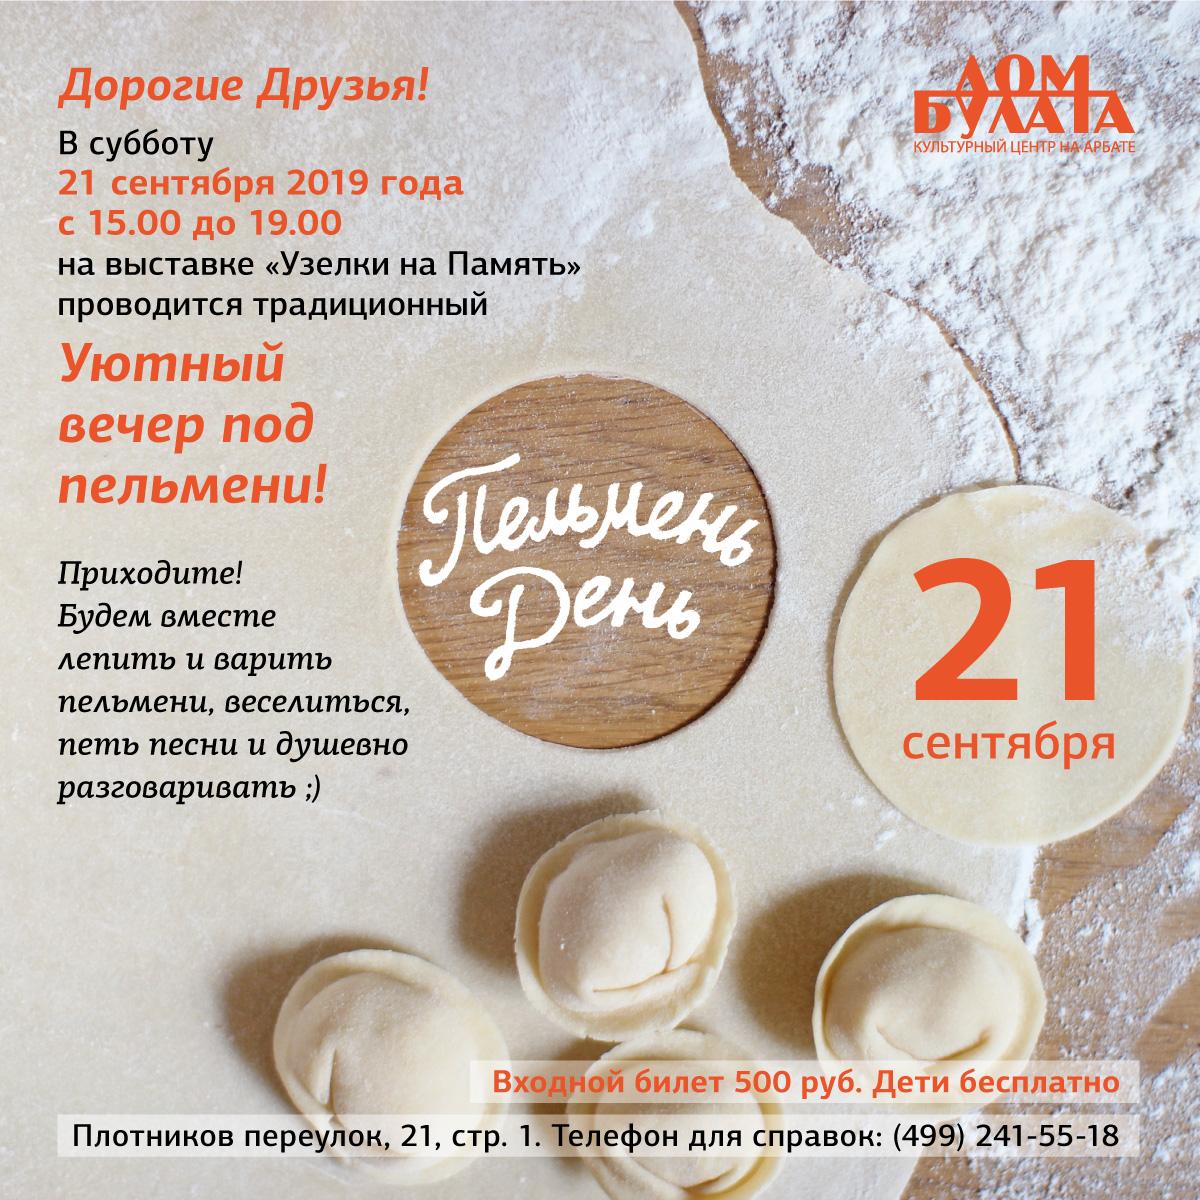 Пельмень-День_17_1200х1200